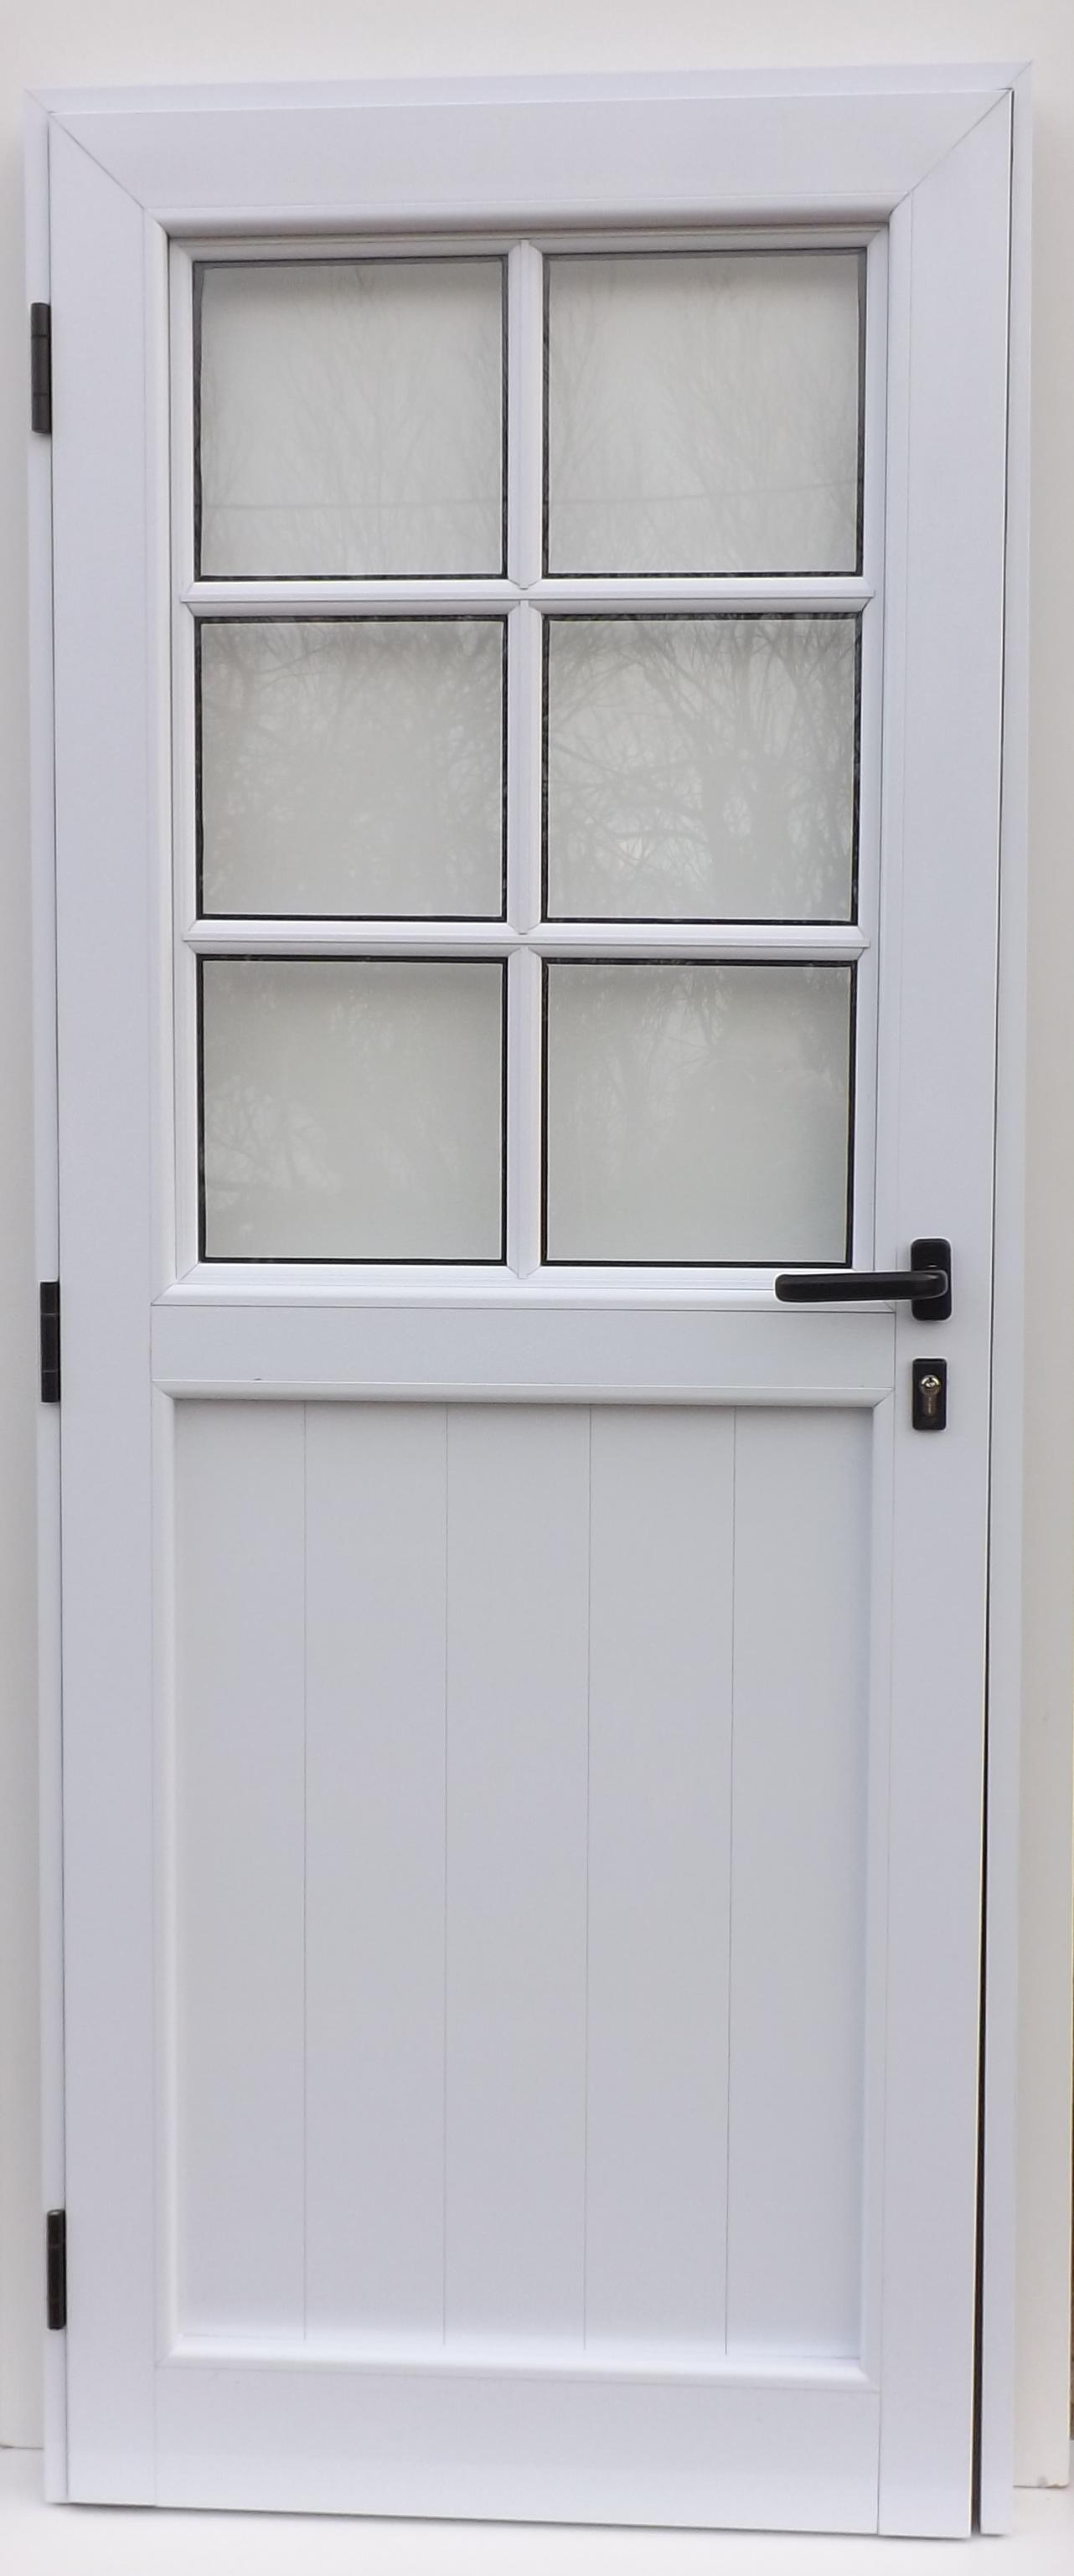 Puerta con vidrio repartido